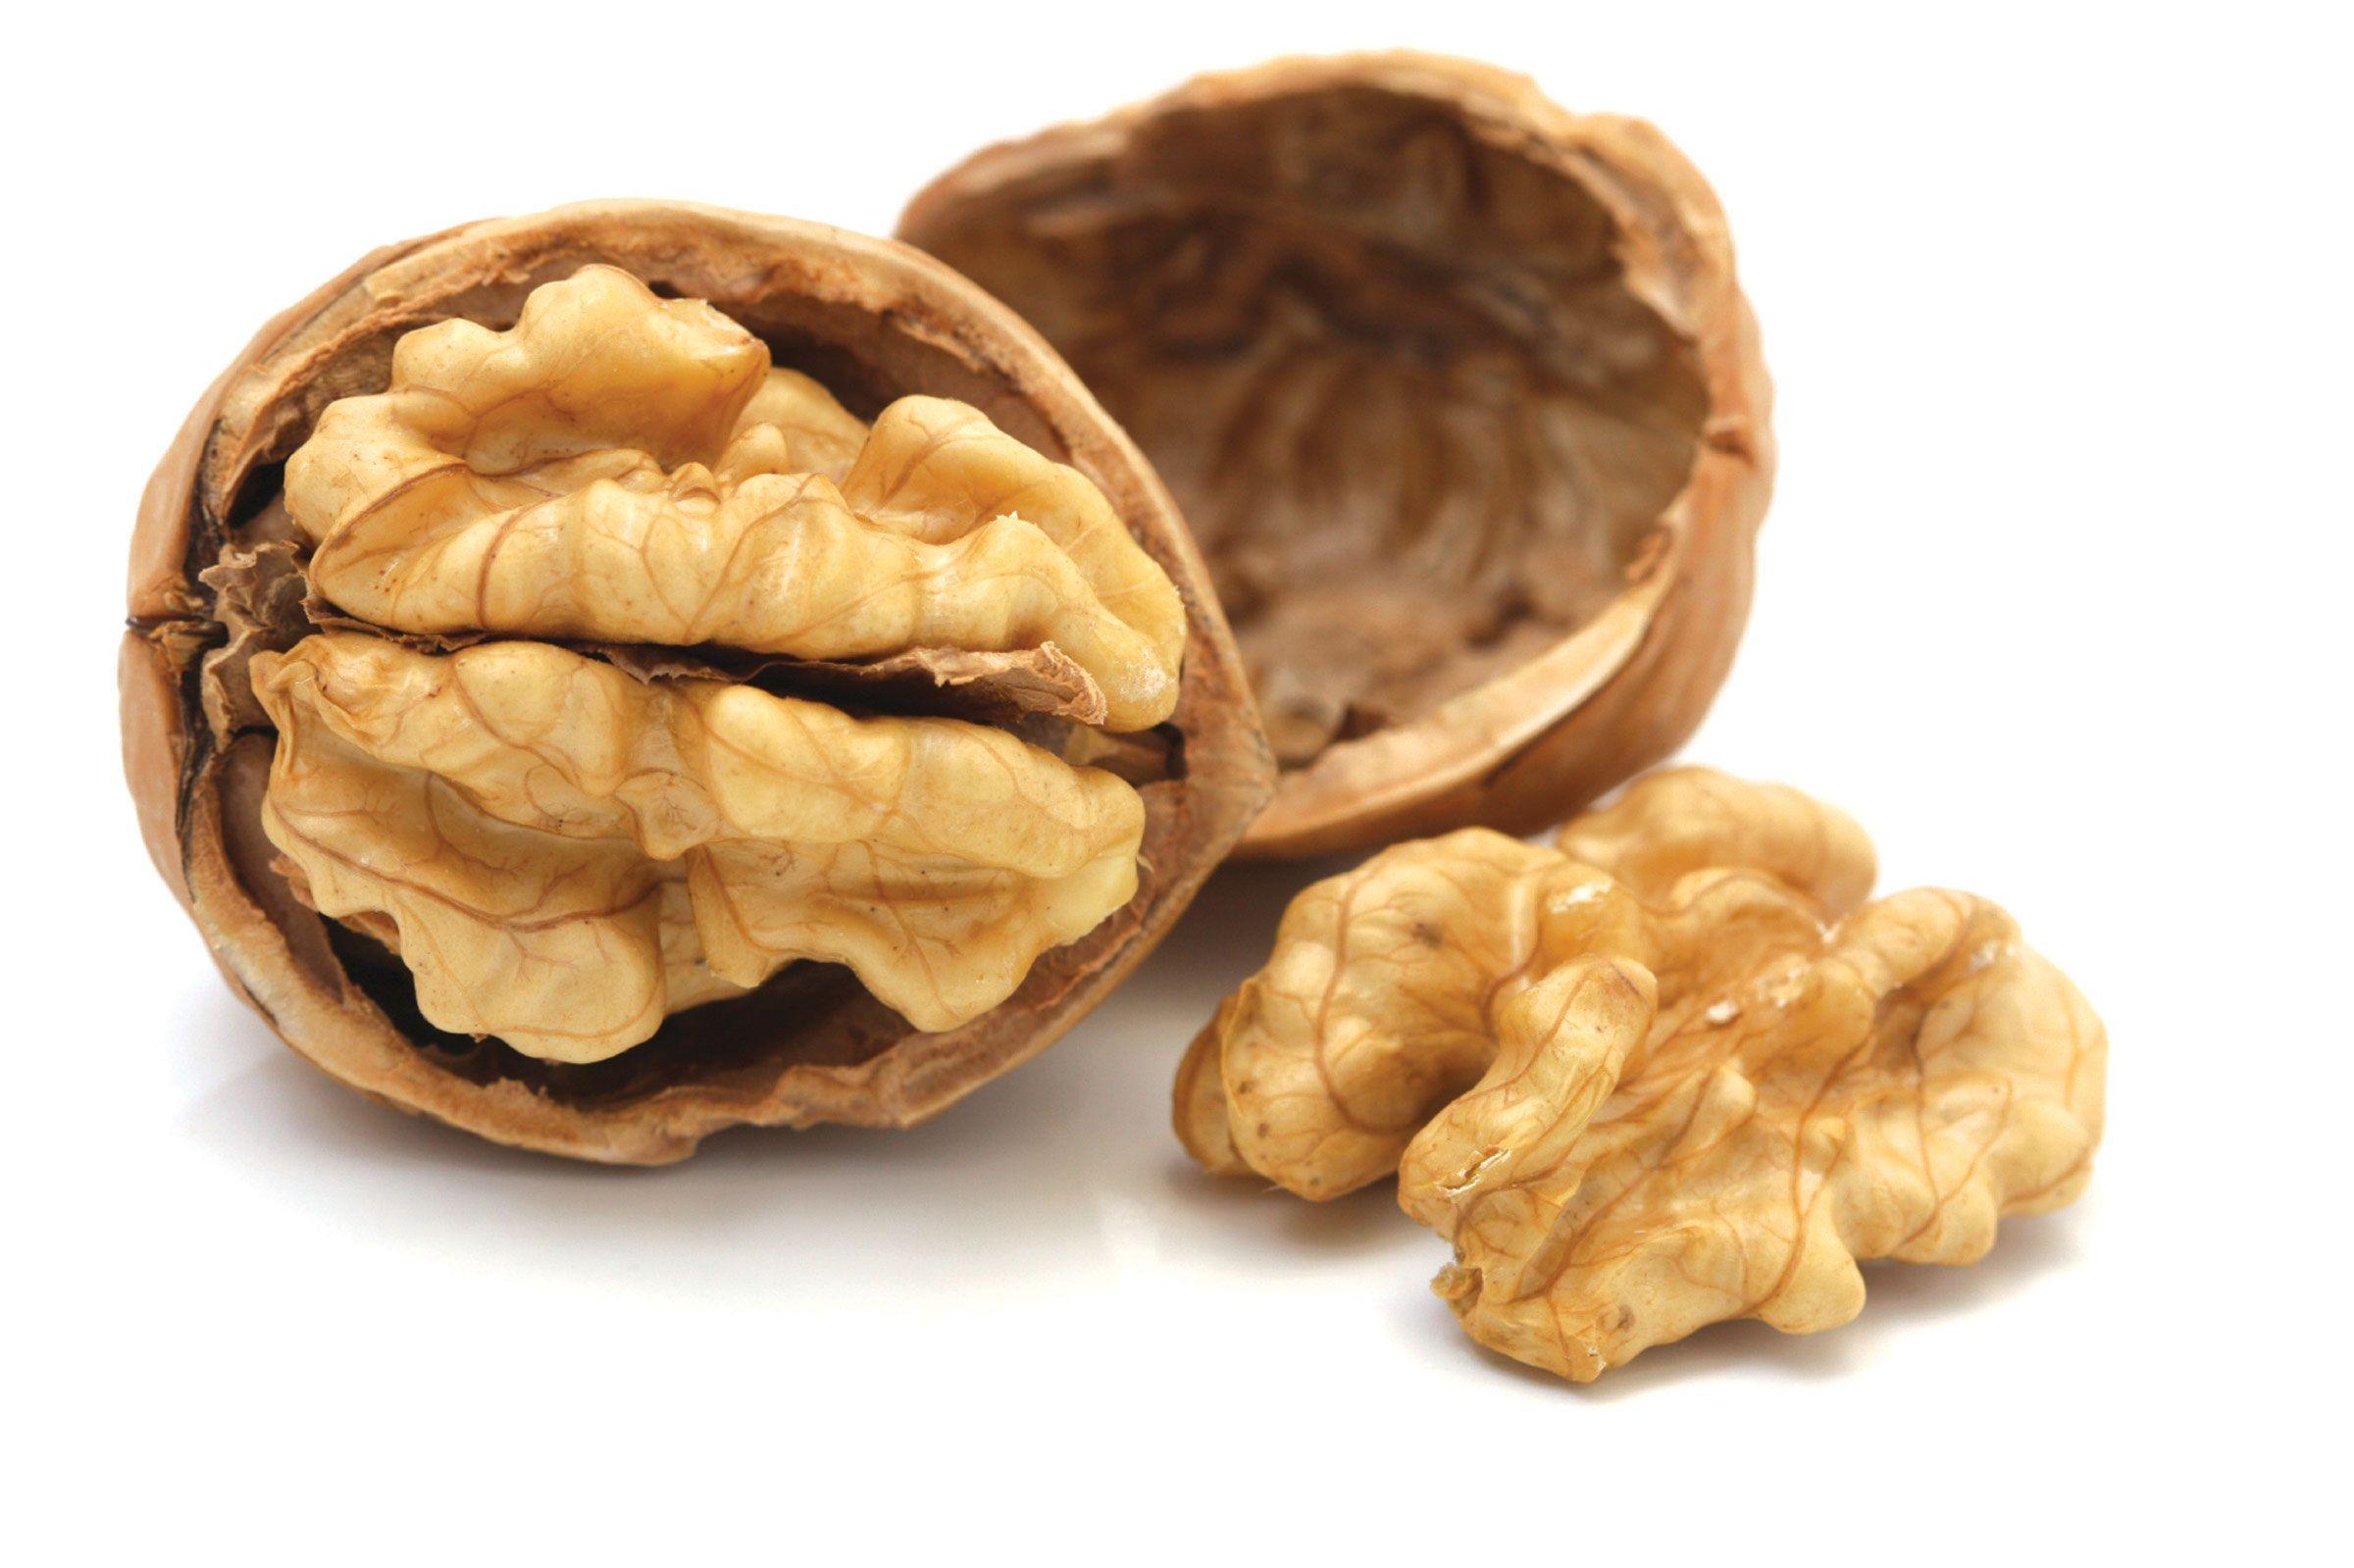 Ce boli grave poți preveni dacă mănânci nuci sau alune